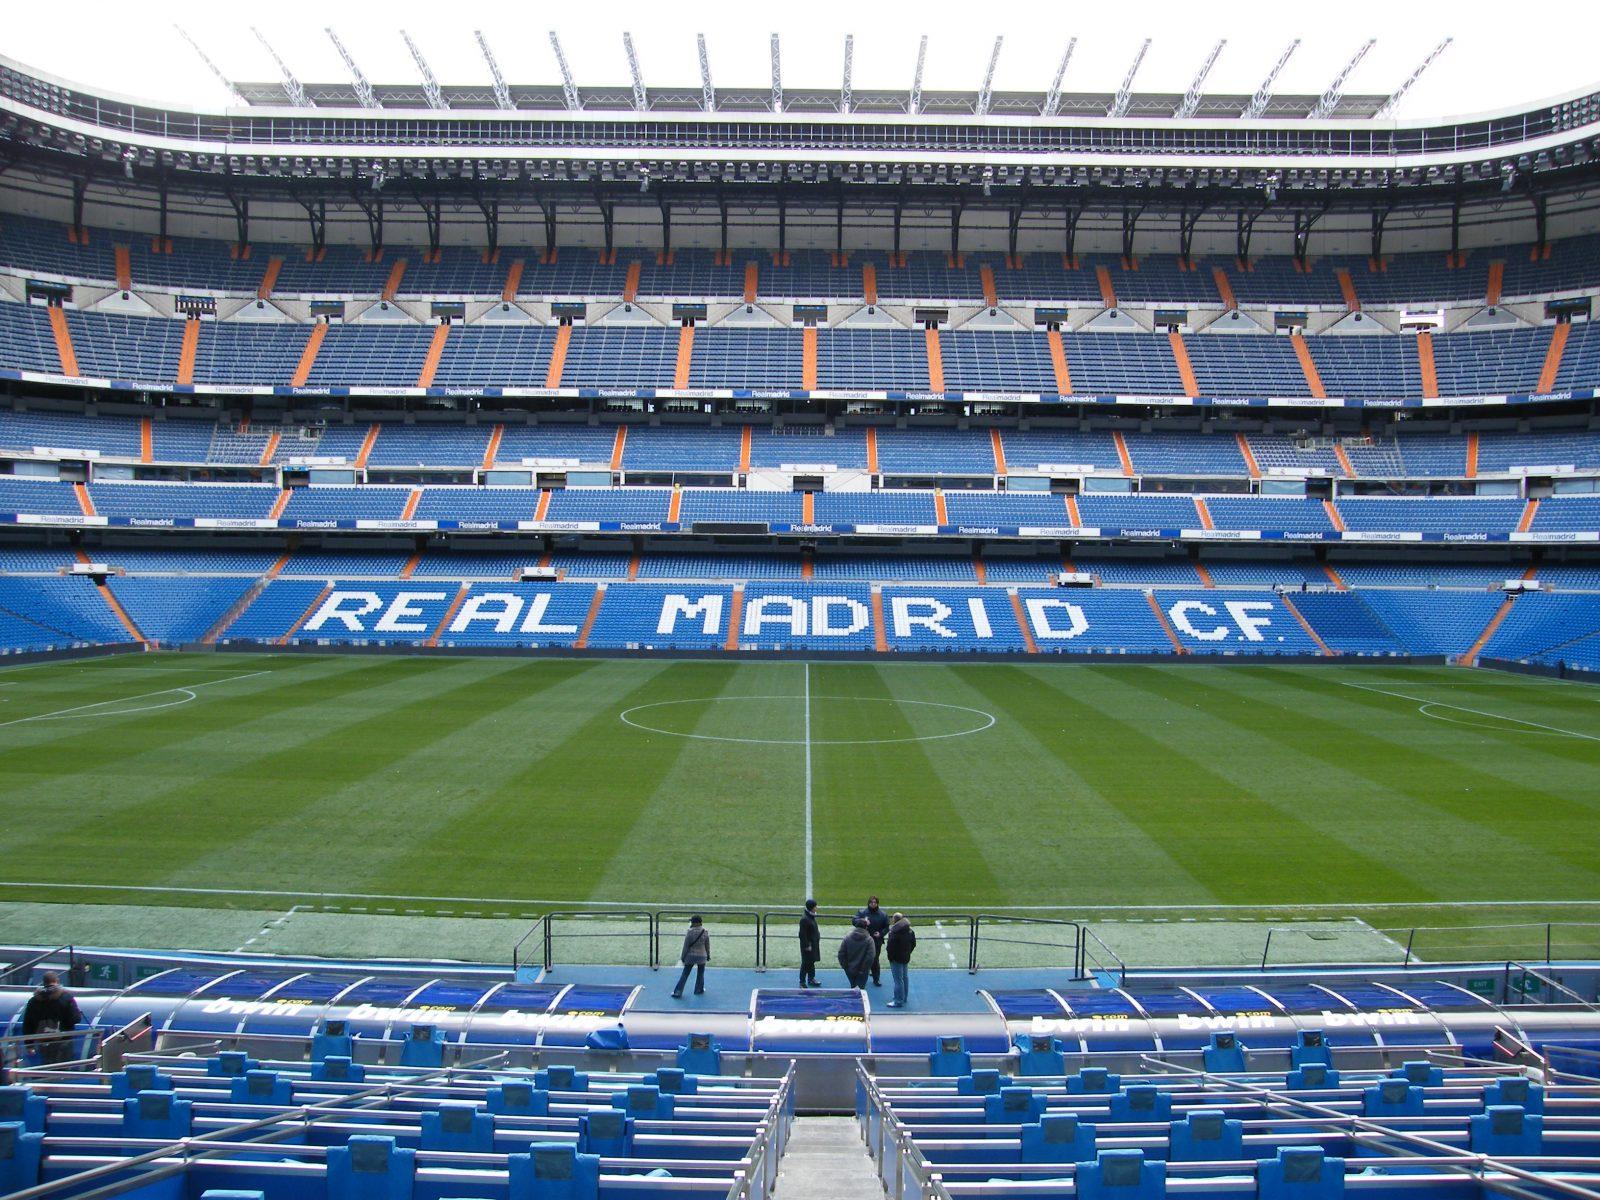 Microsoft no es la única empresa que quiere poner su nombre al Bernabéu